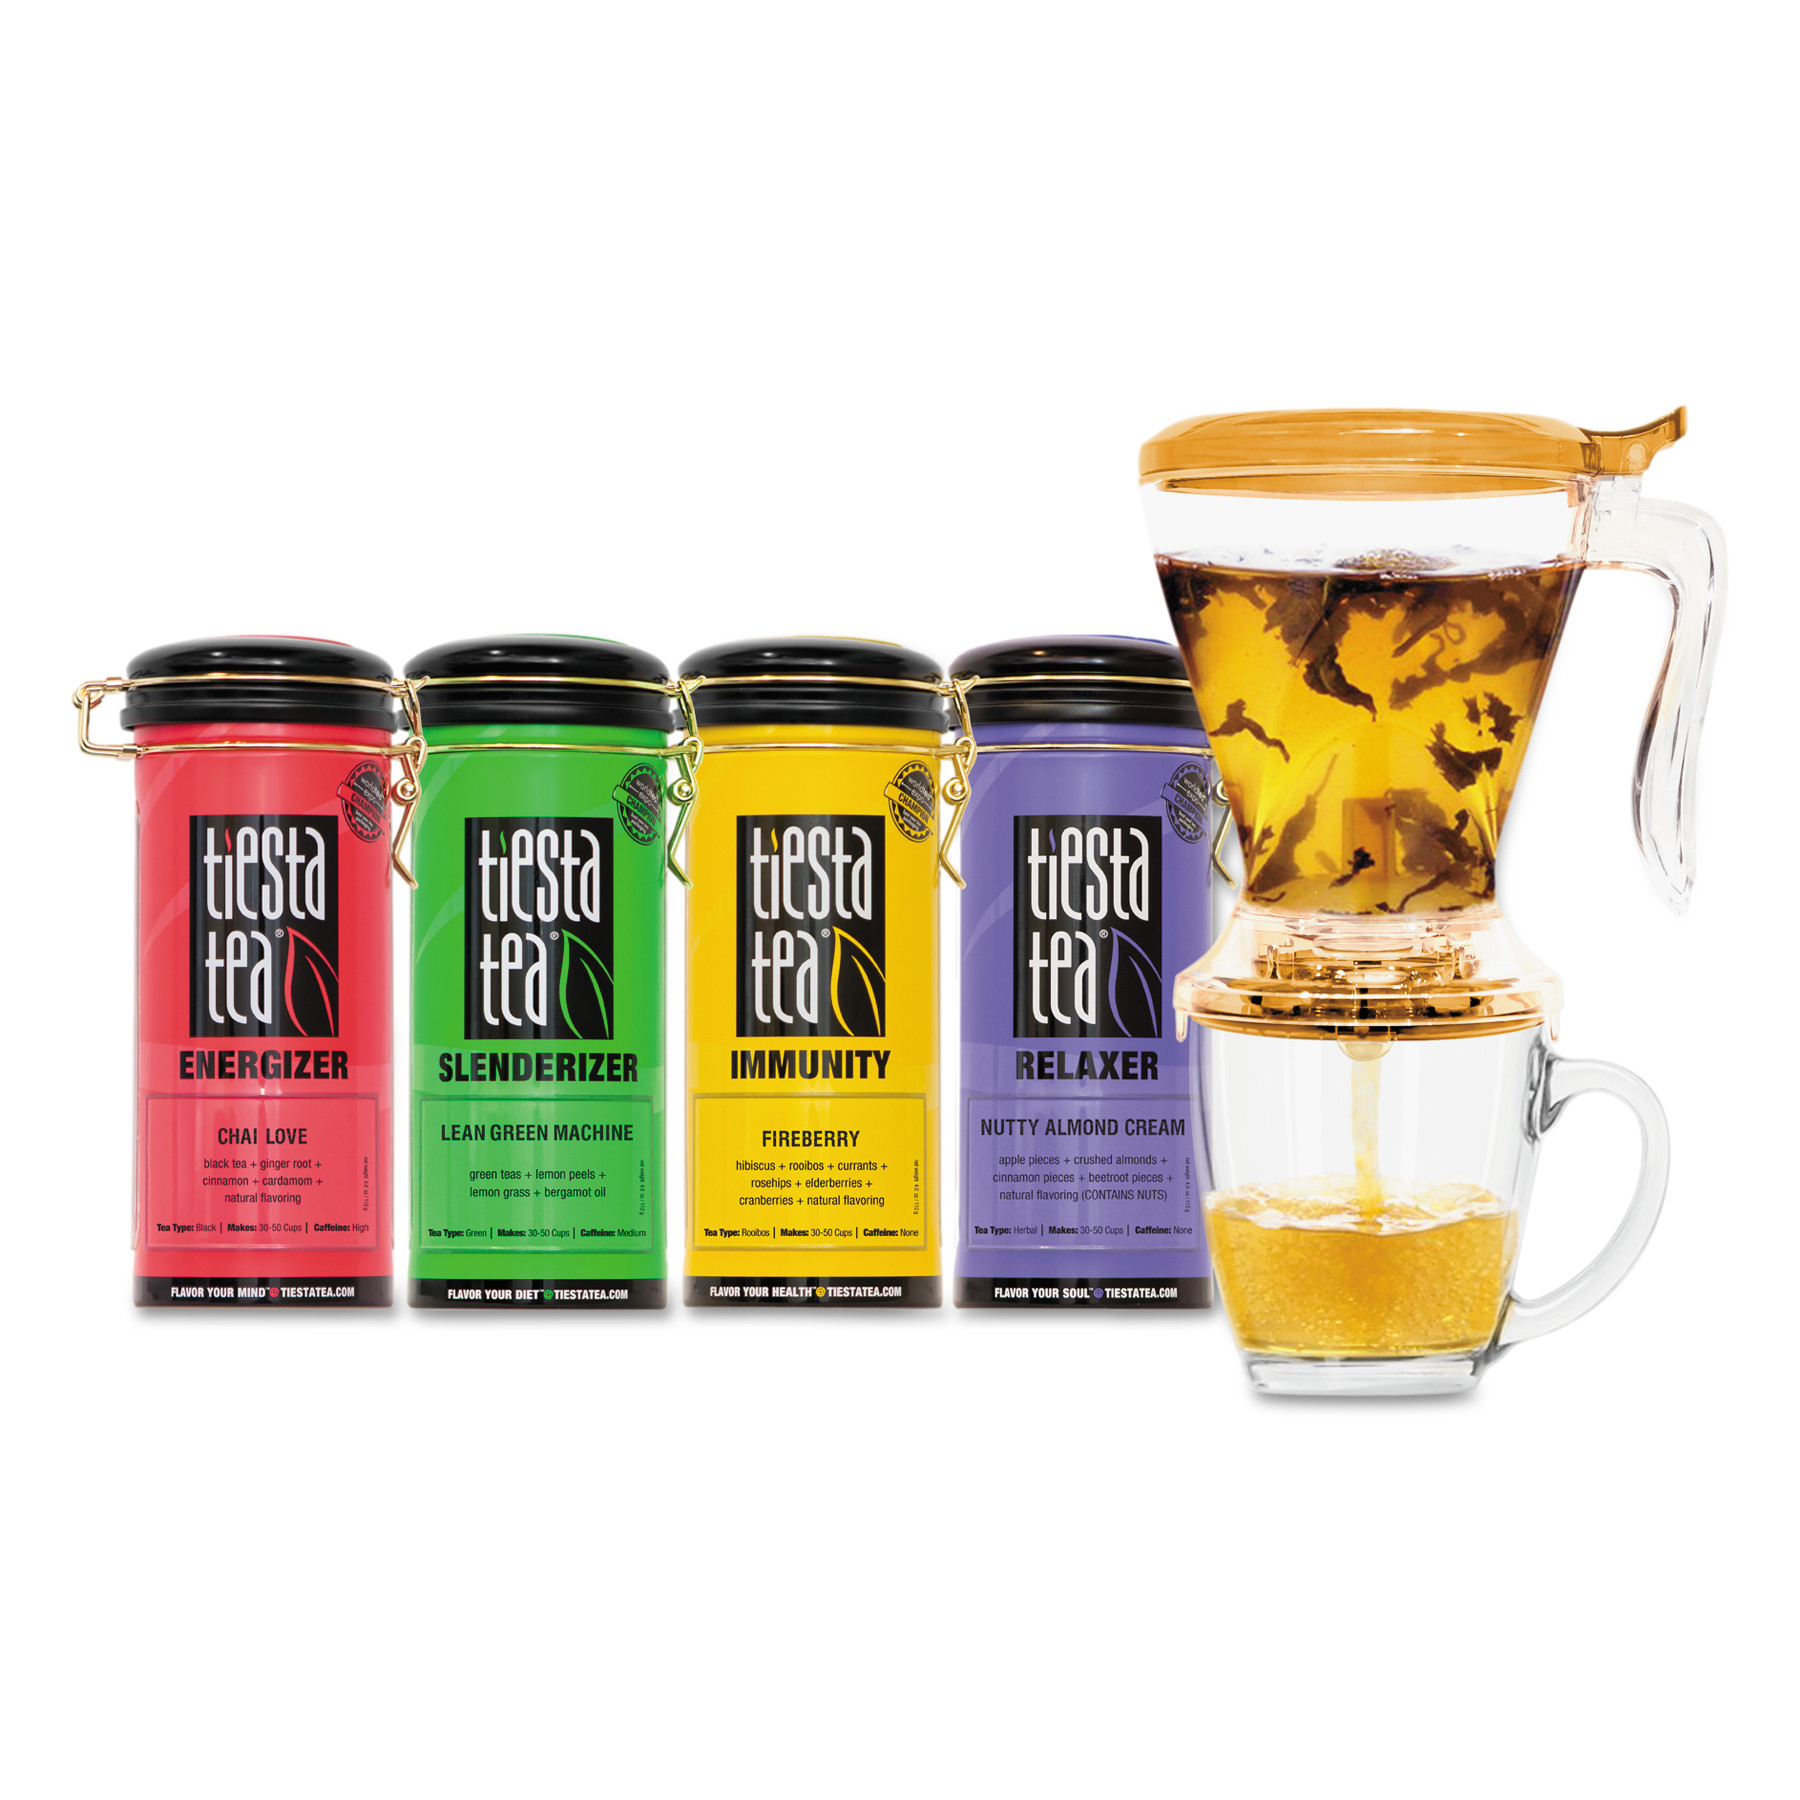 Tiesta Tea Assorted Loose Leaf Tea Starter Kit, 5 pc